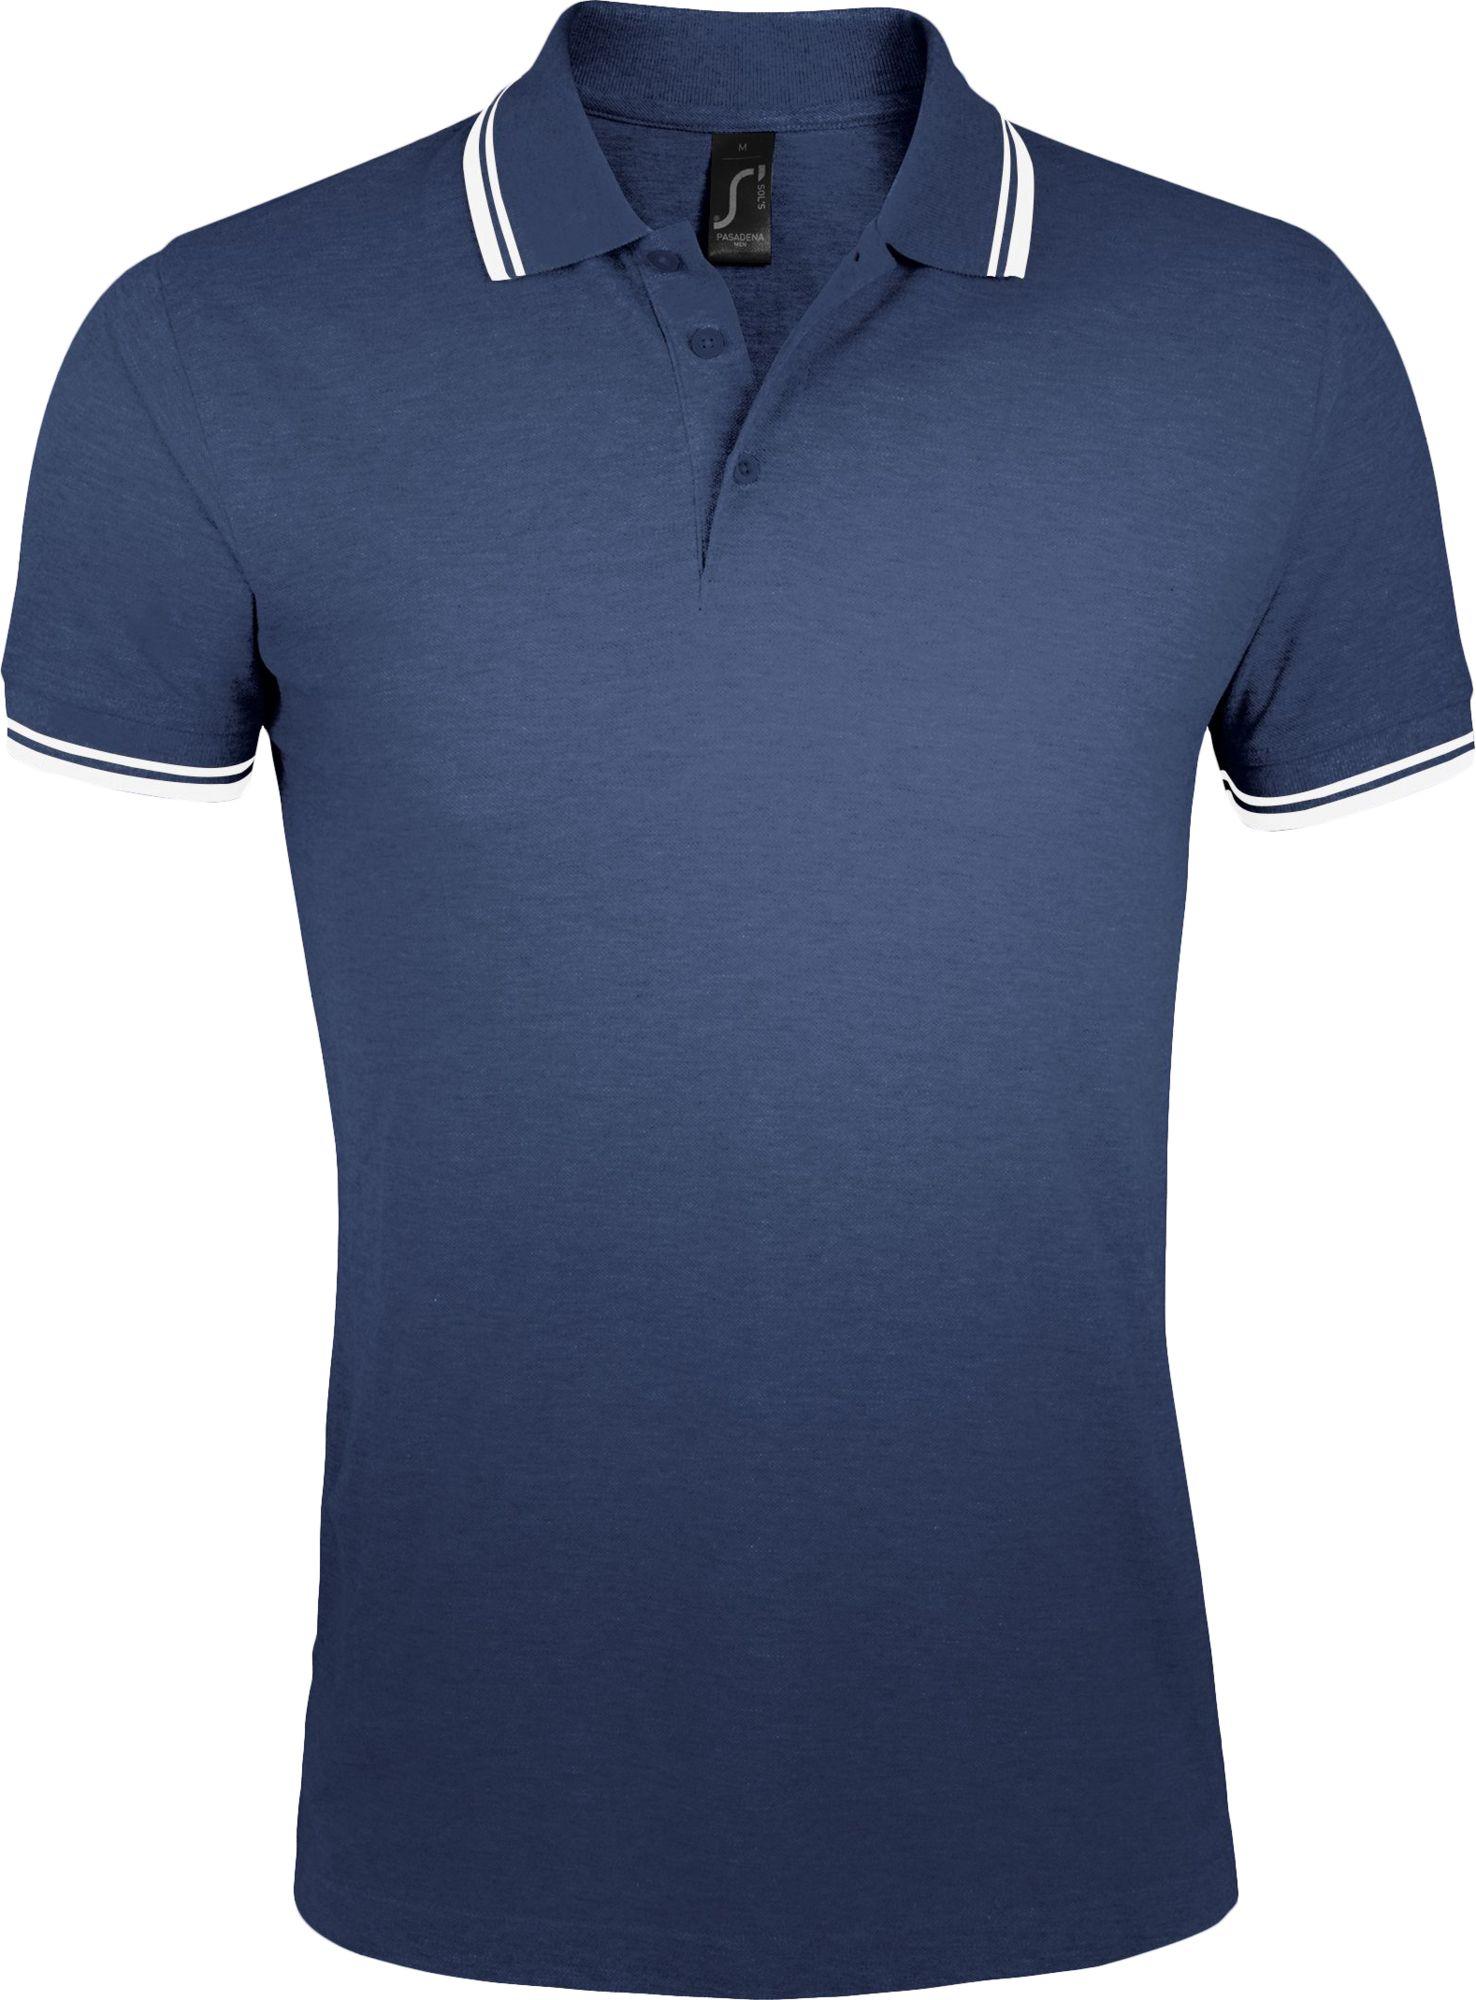 Рубашка поло женская PASADENA WOMEN 200, темно-синяя с белым